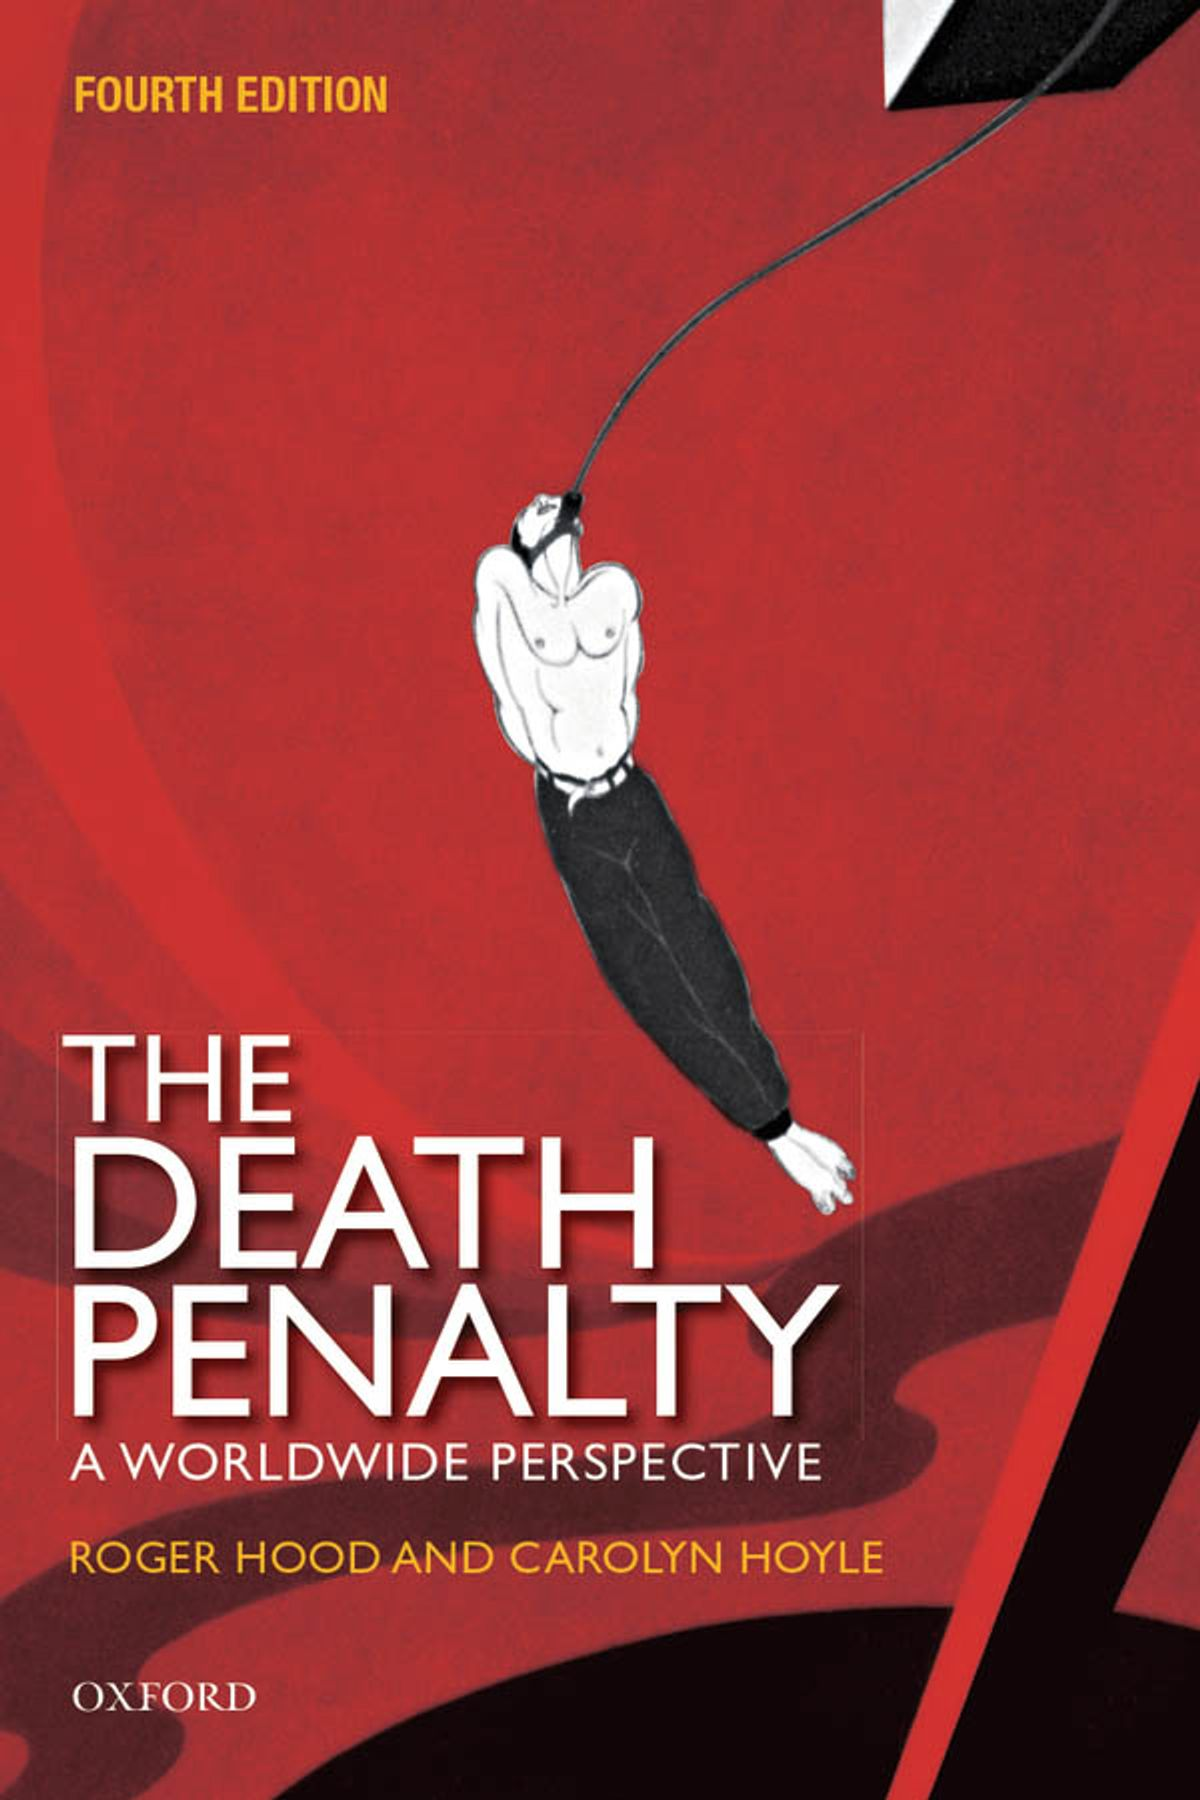 The Death Penalty - eBook - Walmart.com - Walmart.com